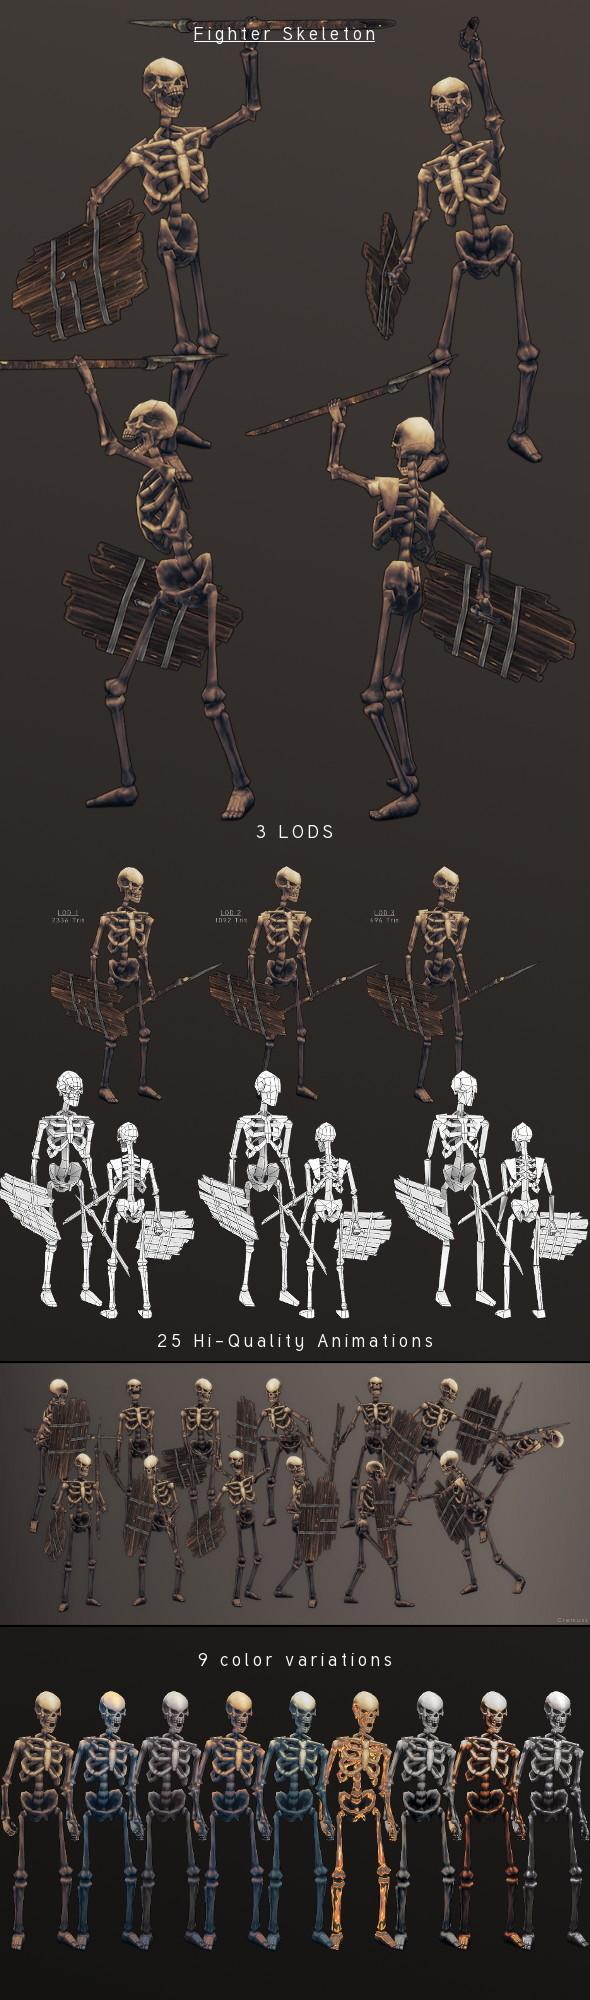 LowPoly HandPainted Fighter Skeleton - 3DOcean Item for Sale